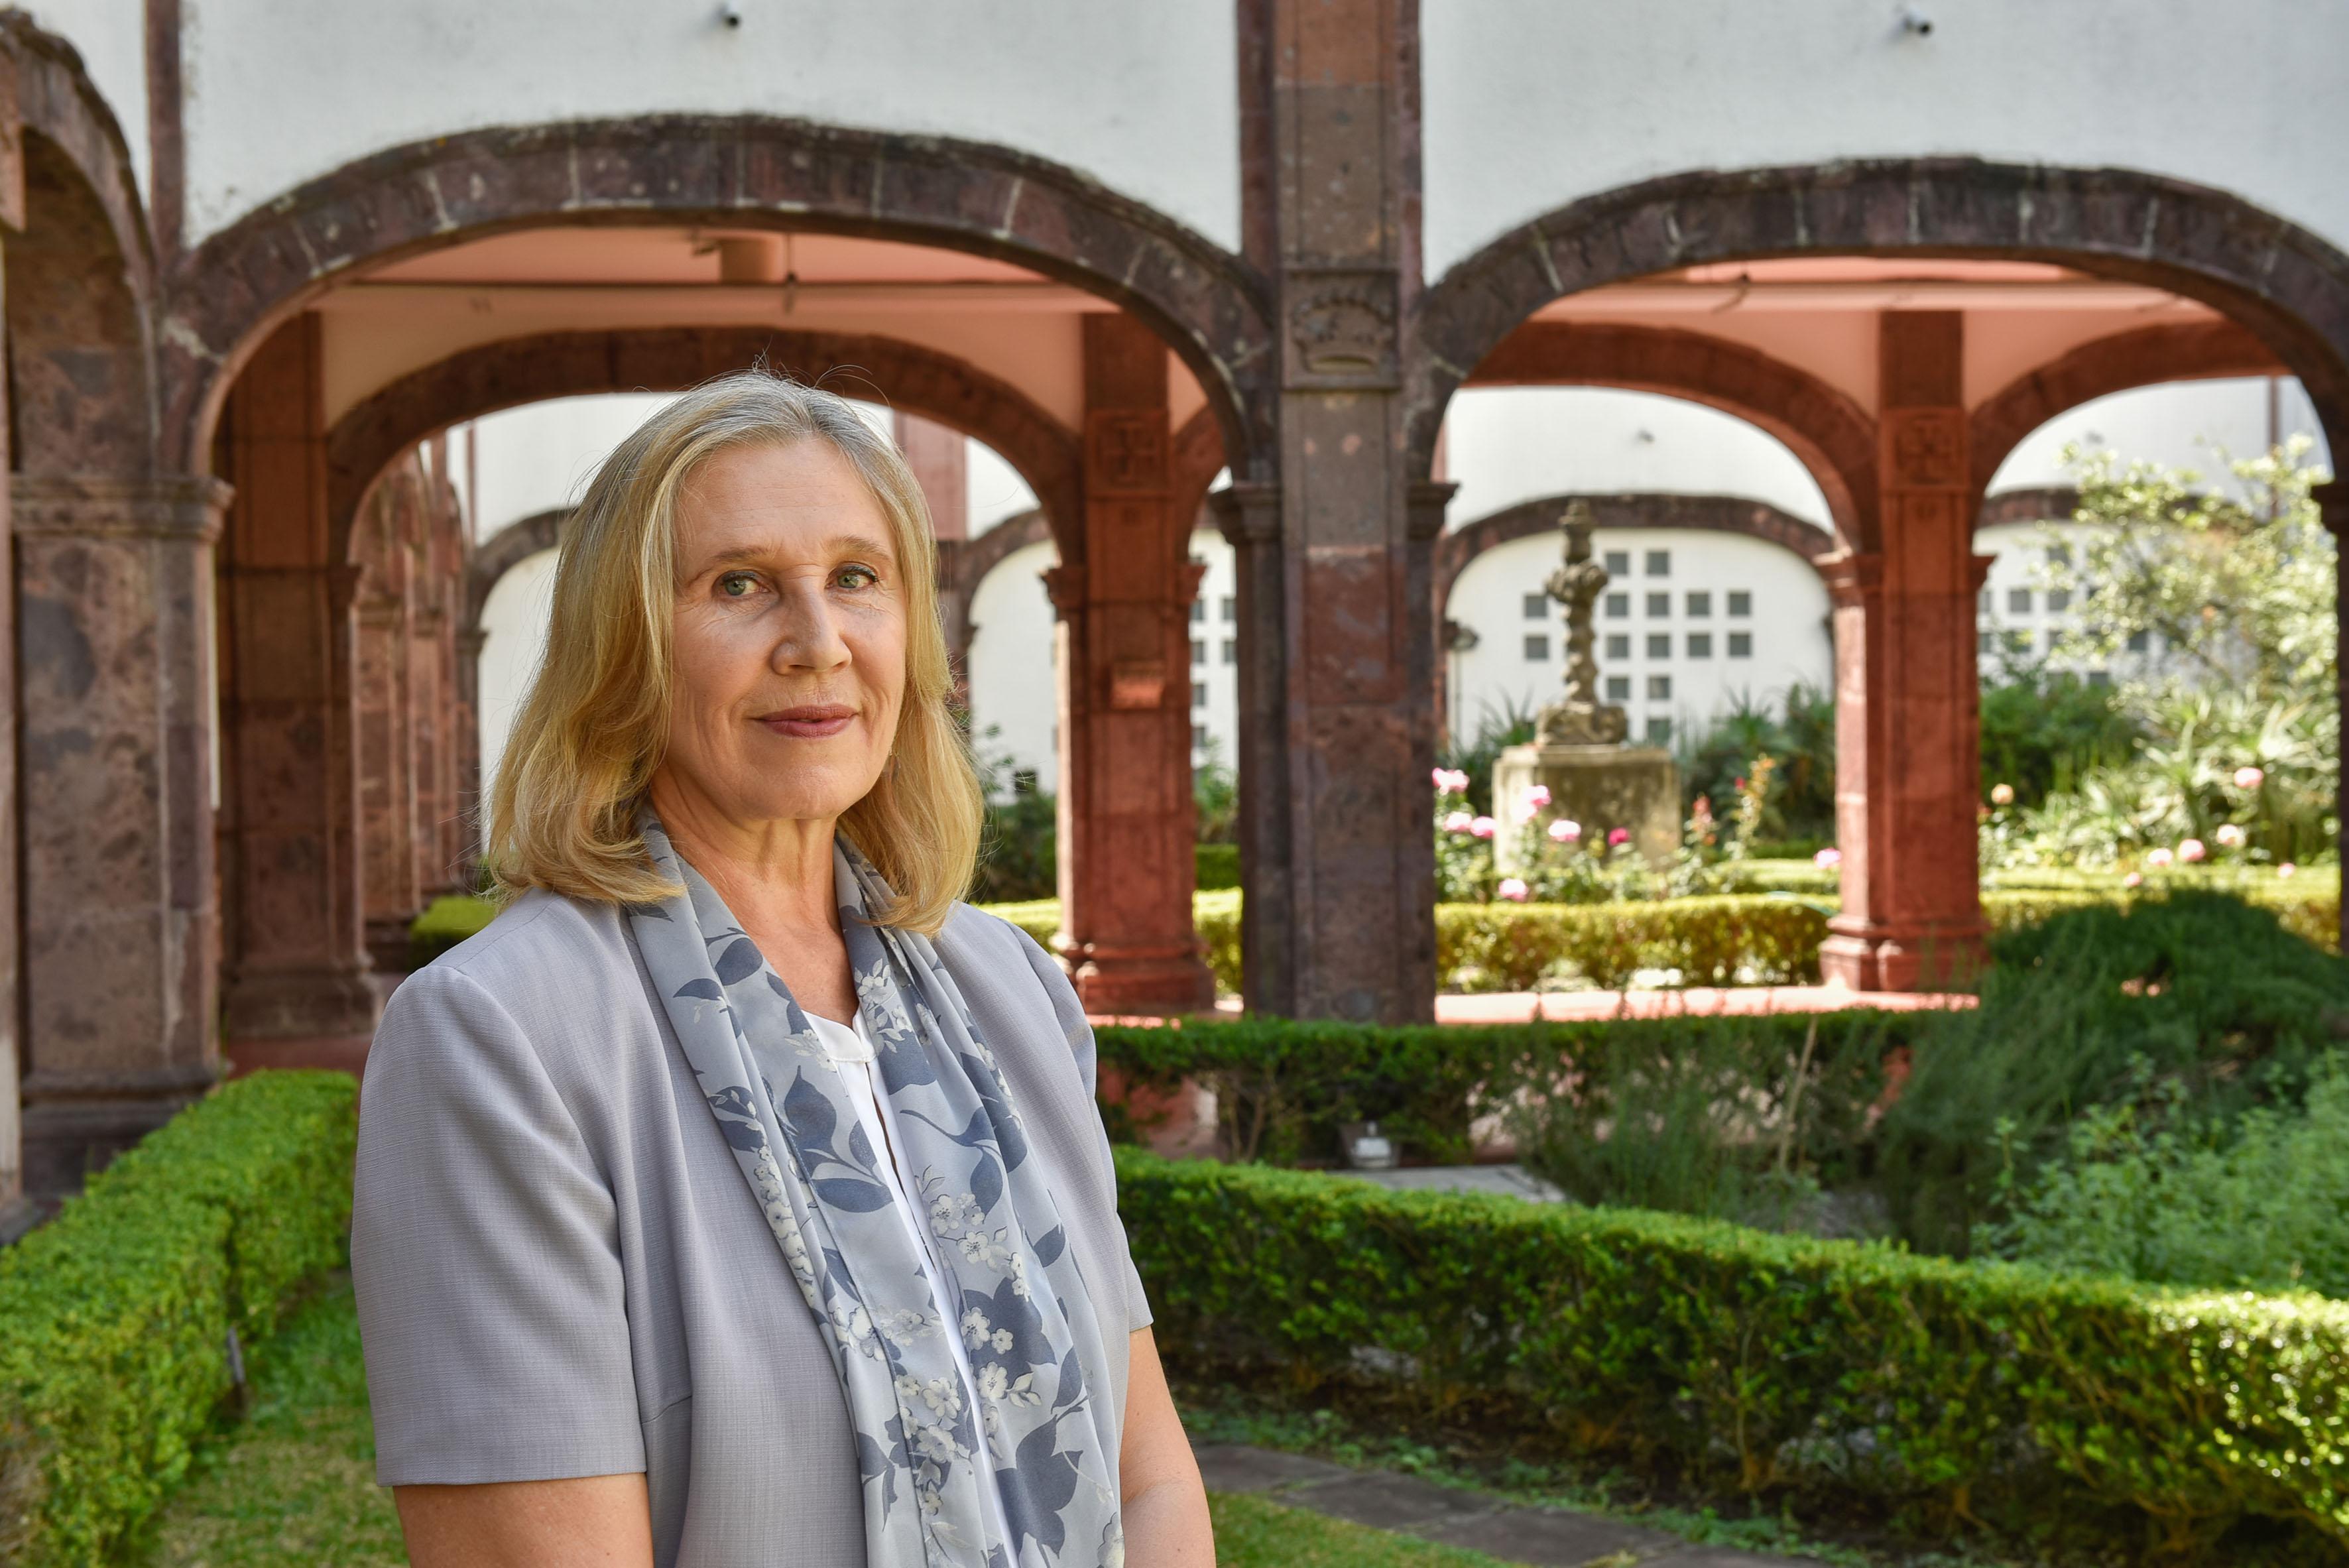 Doctora Galina Zaitseva, jefa del Laboratorio de Inmunología del Departamento de Biología Celular y Molecular del Centro Universitario de Ciencias Biológicas y Agropecuarias.